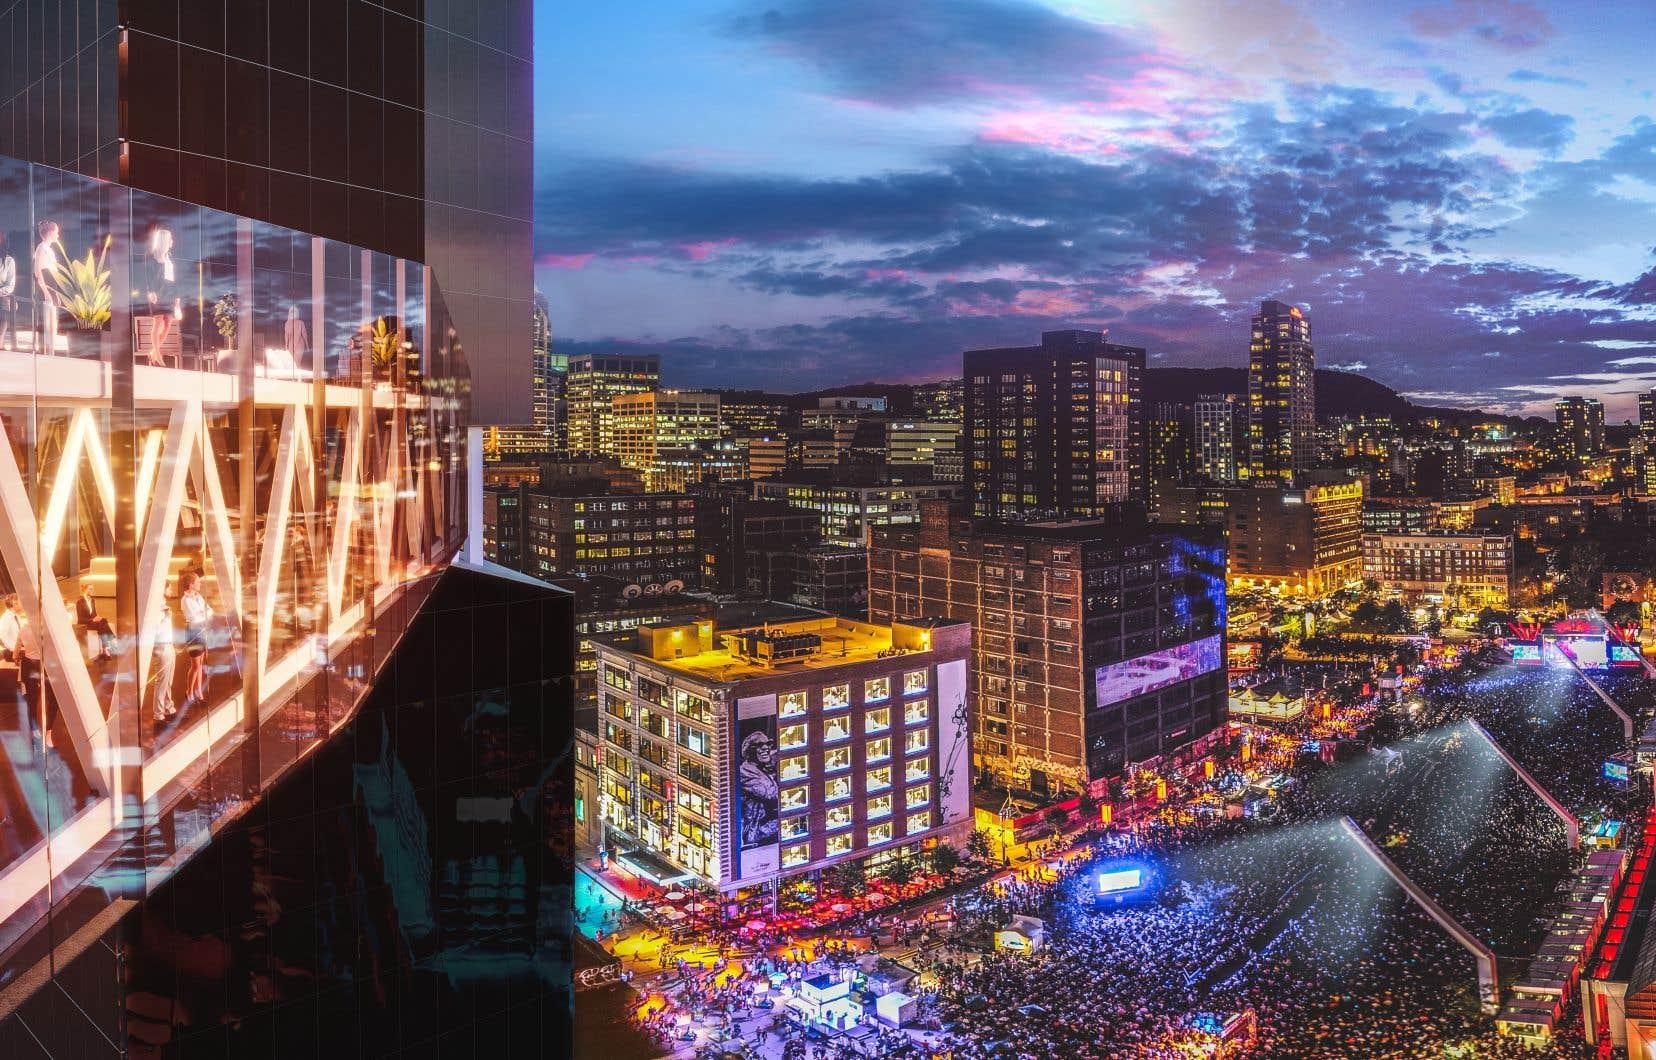 Les deux tours d'une cinquantaine d'étagescomporteront 1500 unités résidentielles, dont le tiers seront offertes sur le marché locatif.